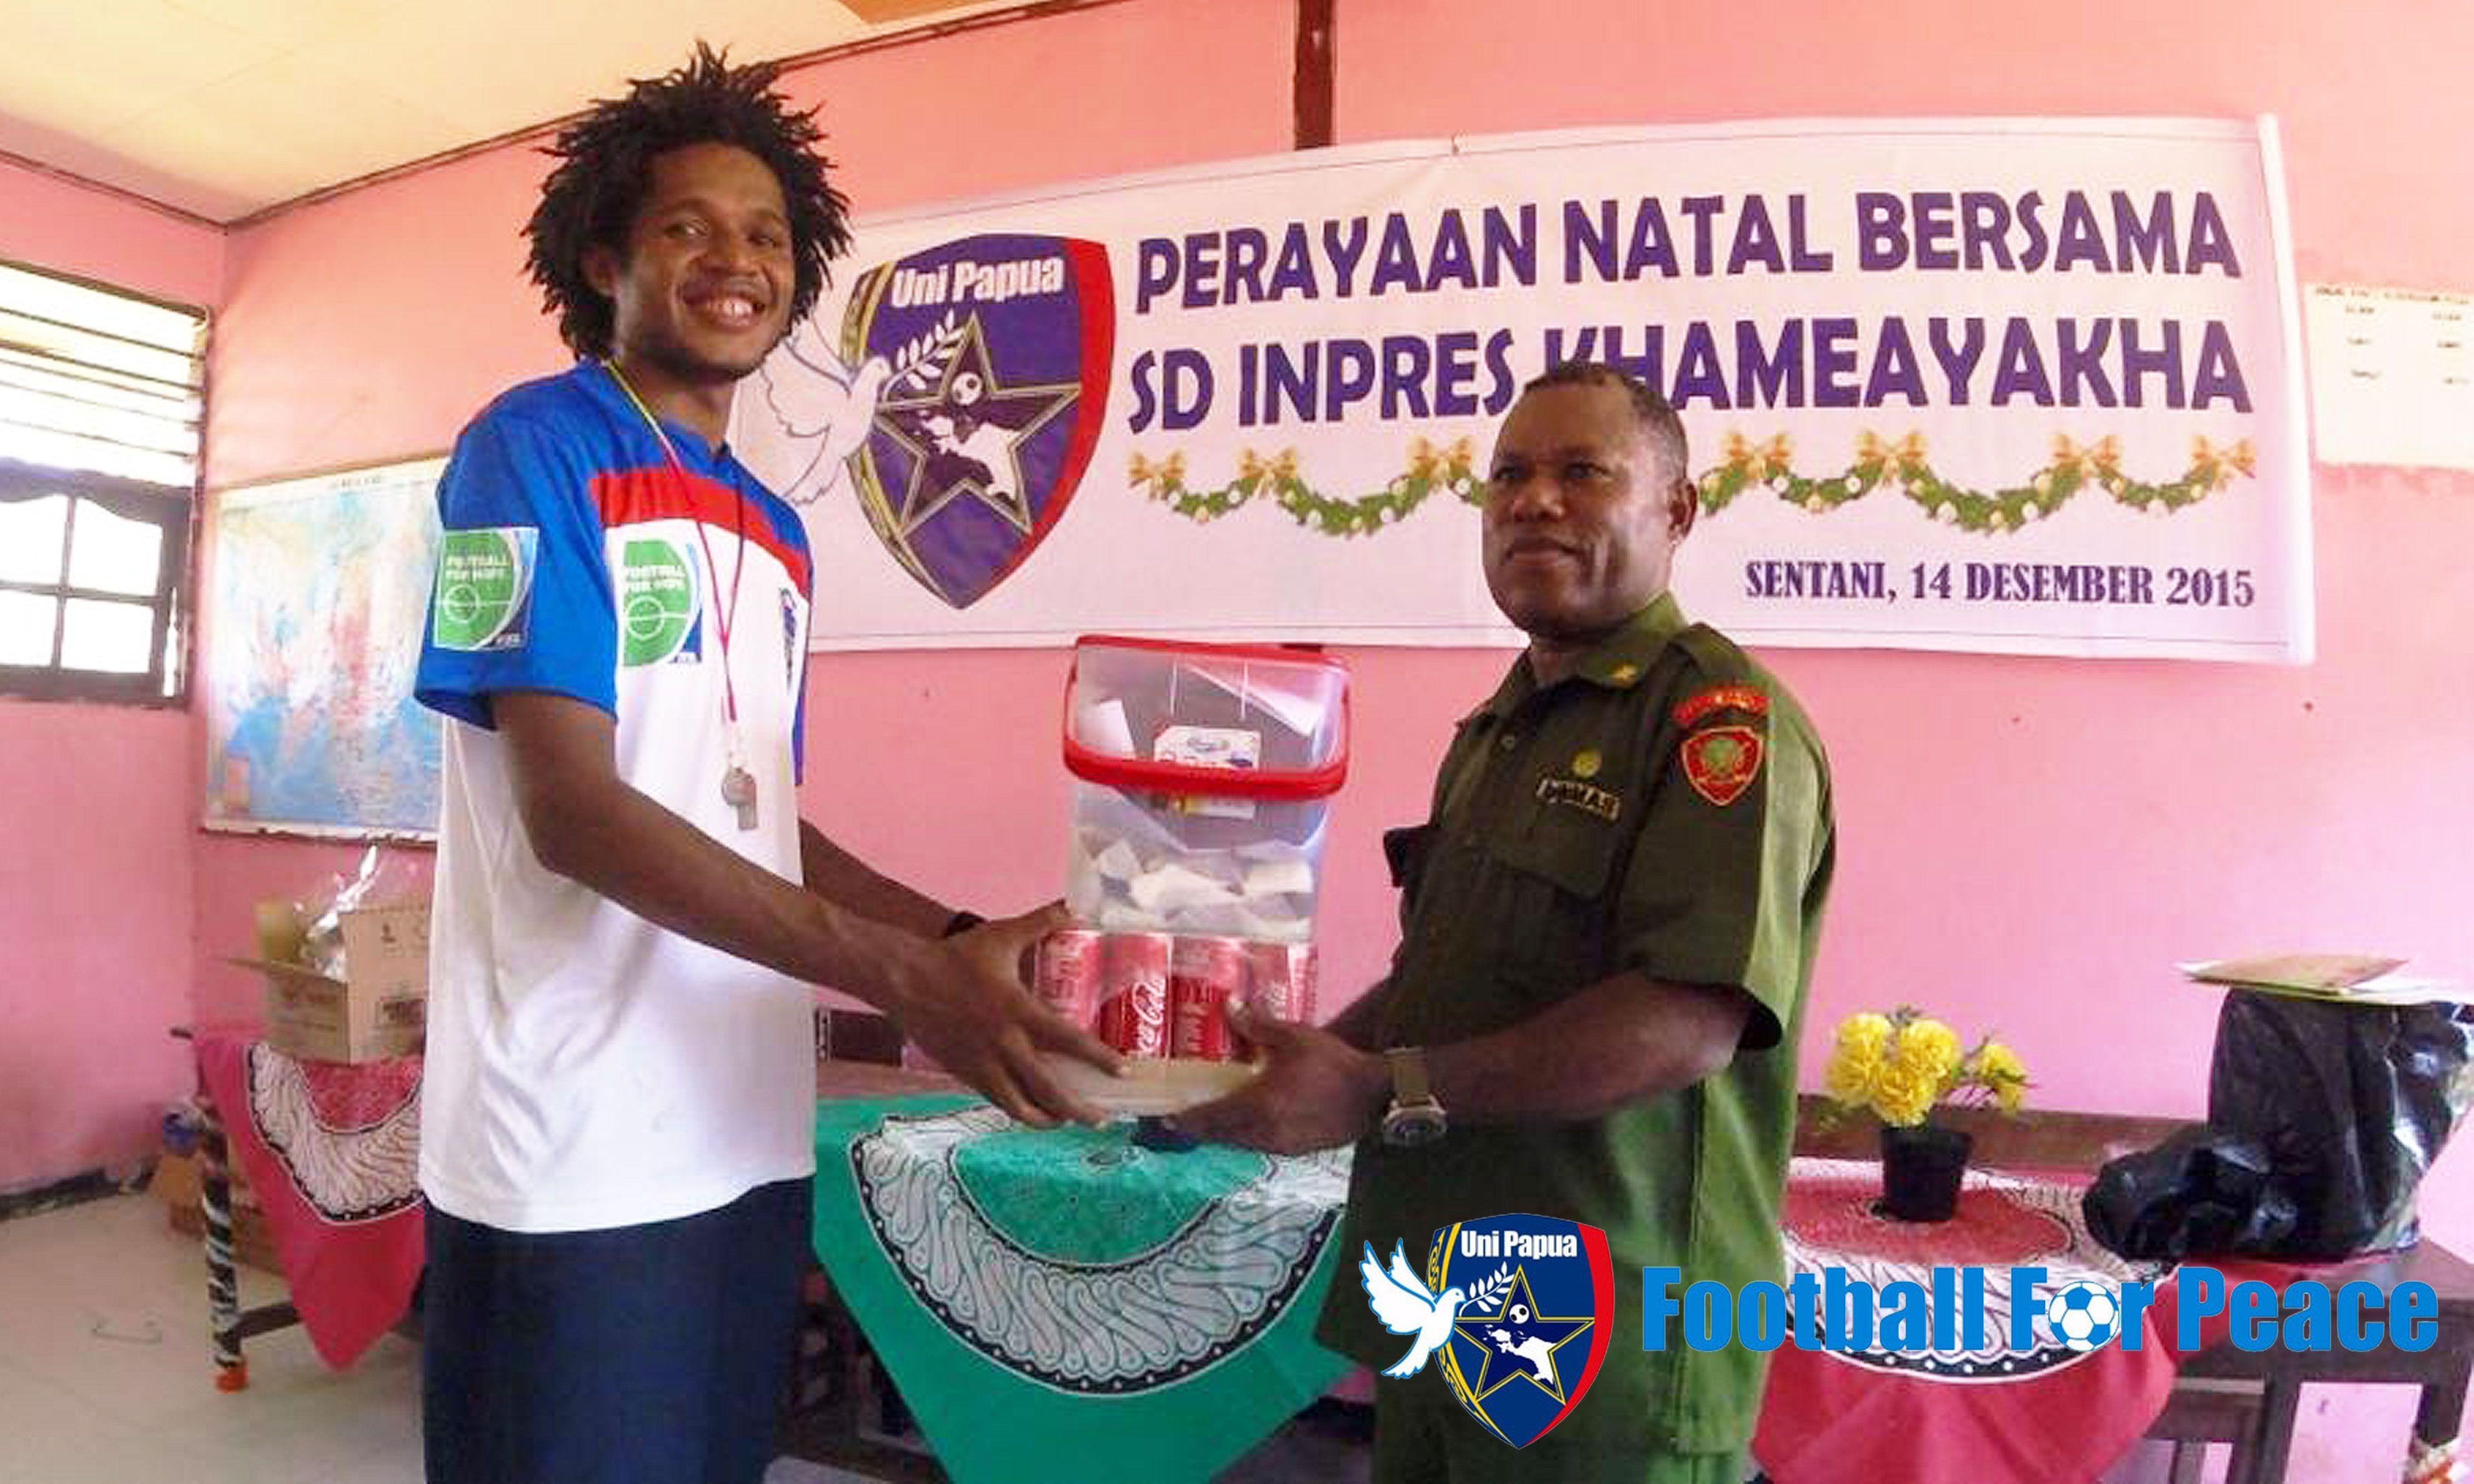 Perayaan Natal Bersama Uni Papua Football Community bersama keluarga besar SDN Inpres Khameayakha #Unipapua #Papua